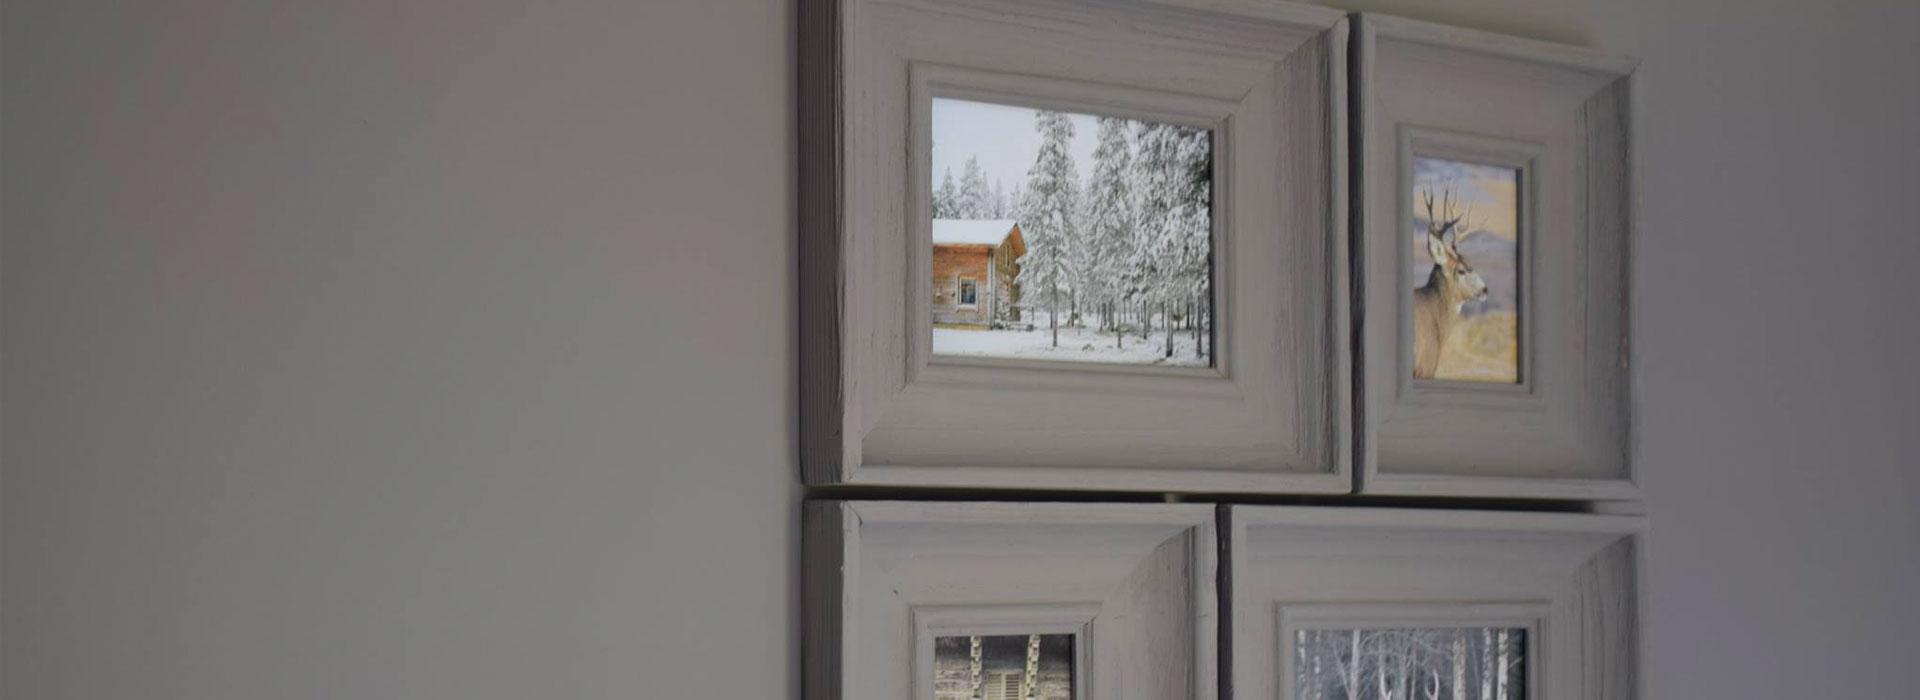 autentico-chalck-paint-para-paredes